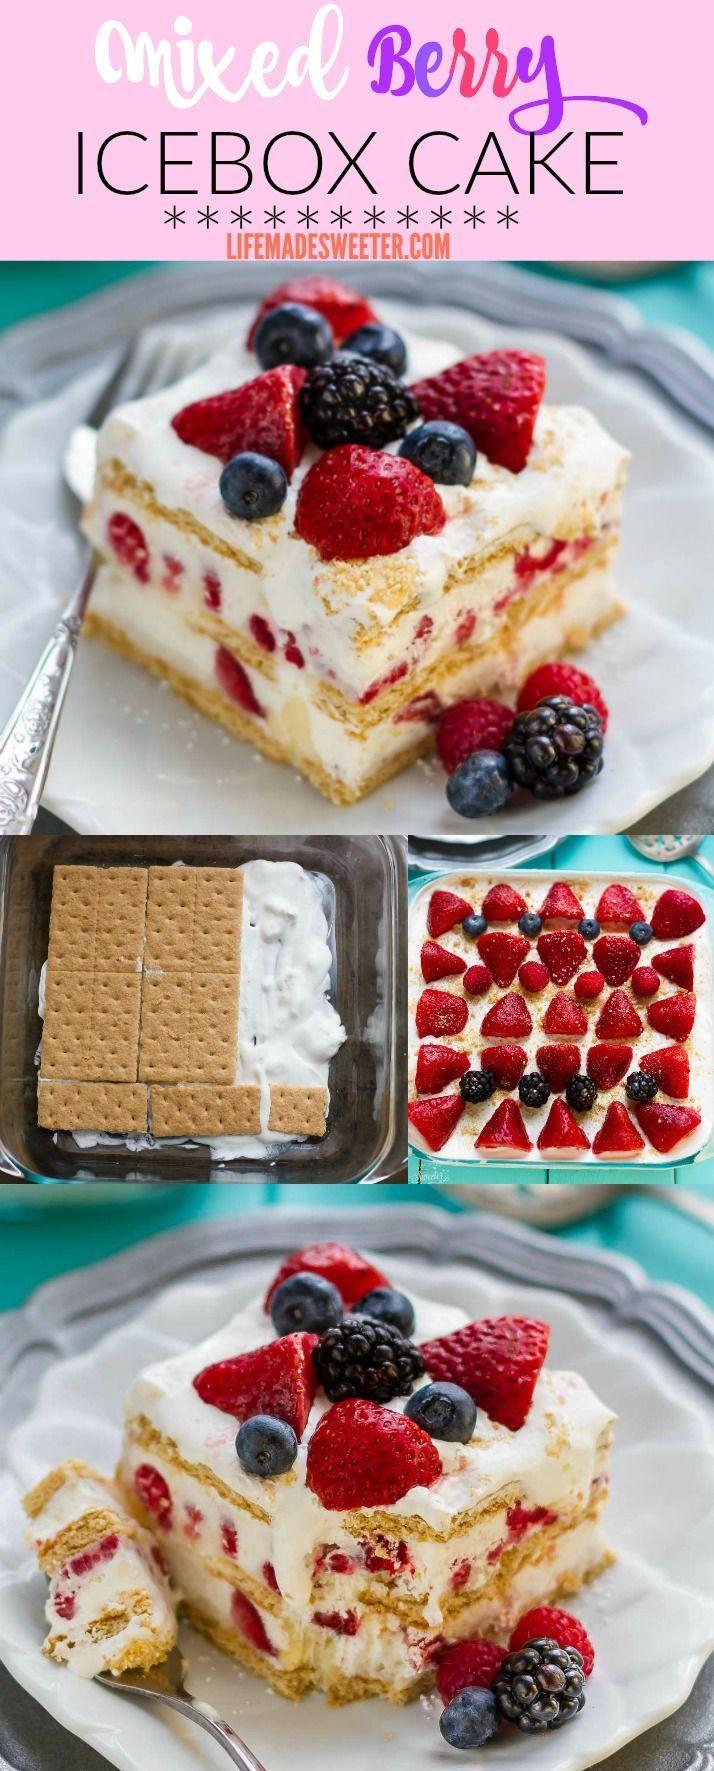 Best Summertime Desserts  180 best Summertime images on Pinterest